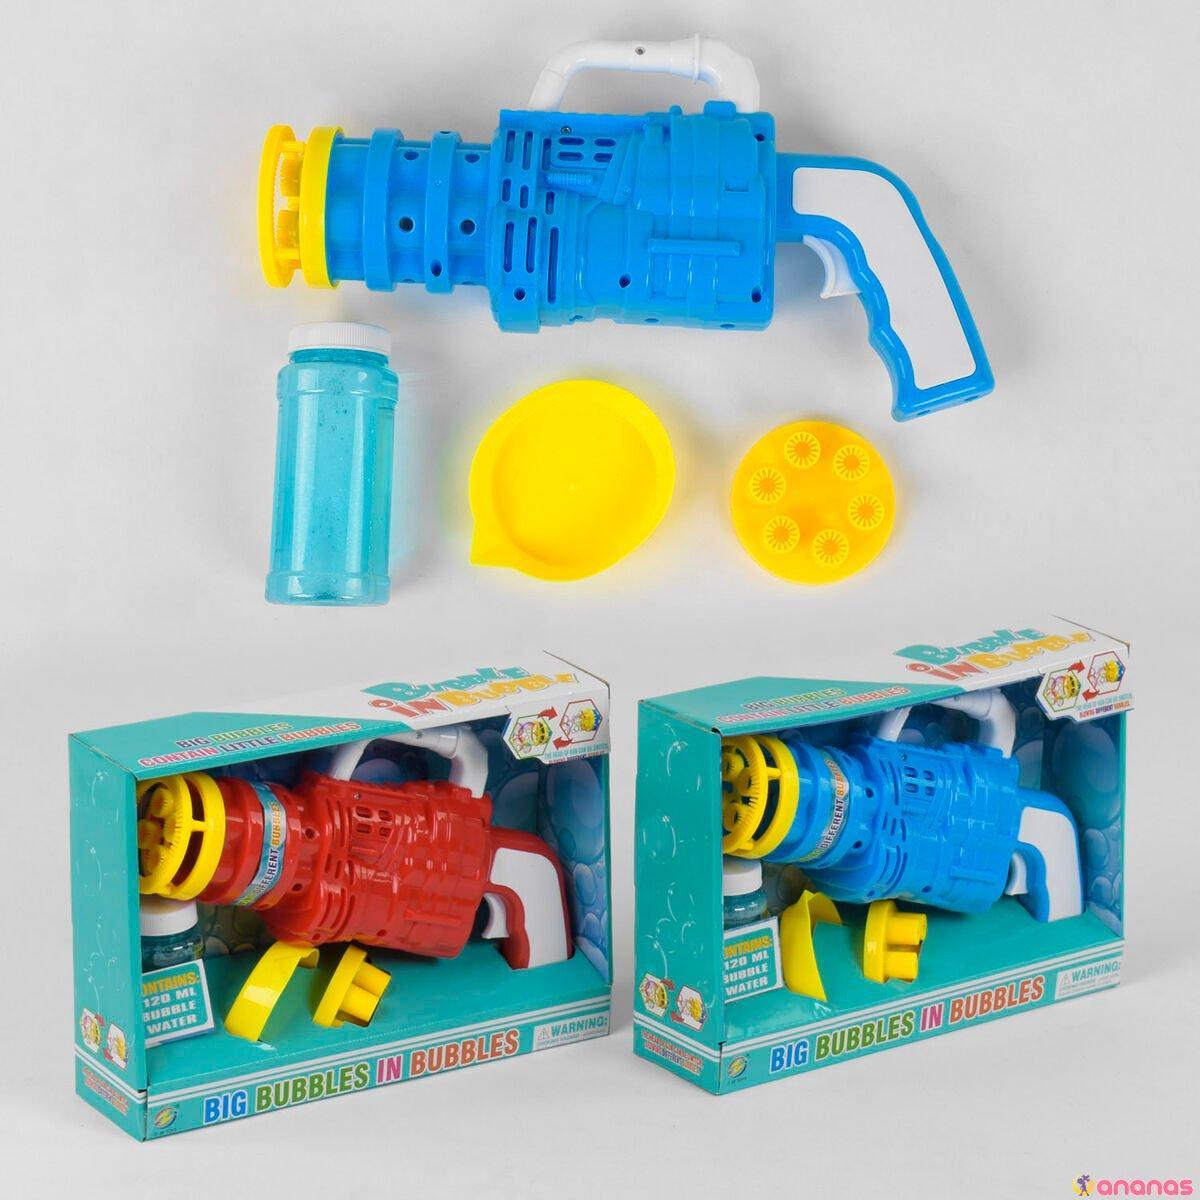 Автомат с мыльными пузырями 75-3 (48/2) 2 насадки, на батарейках, 2 цвета, в коробке